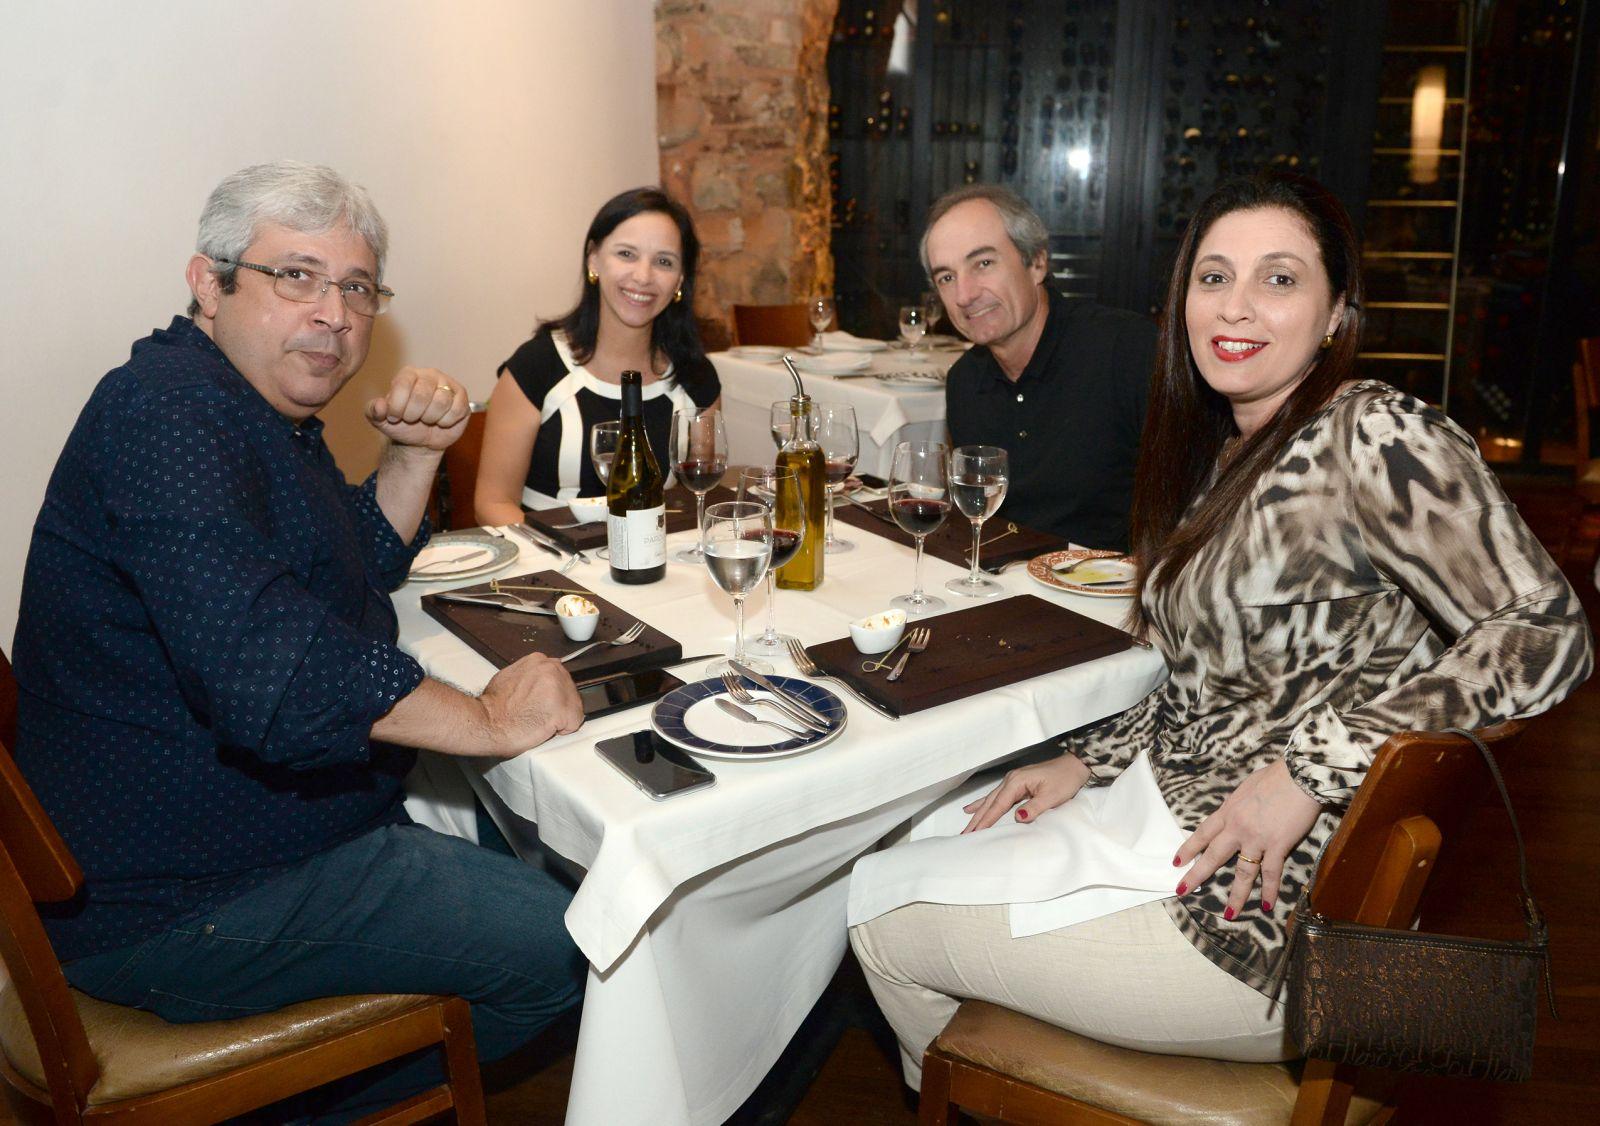 Paulo Cavalcante e Anita jantando no Amado com Aline e Jorginho Lins Freire